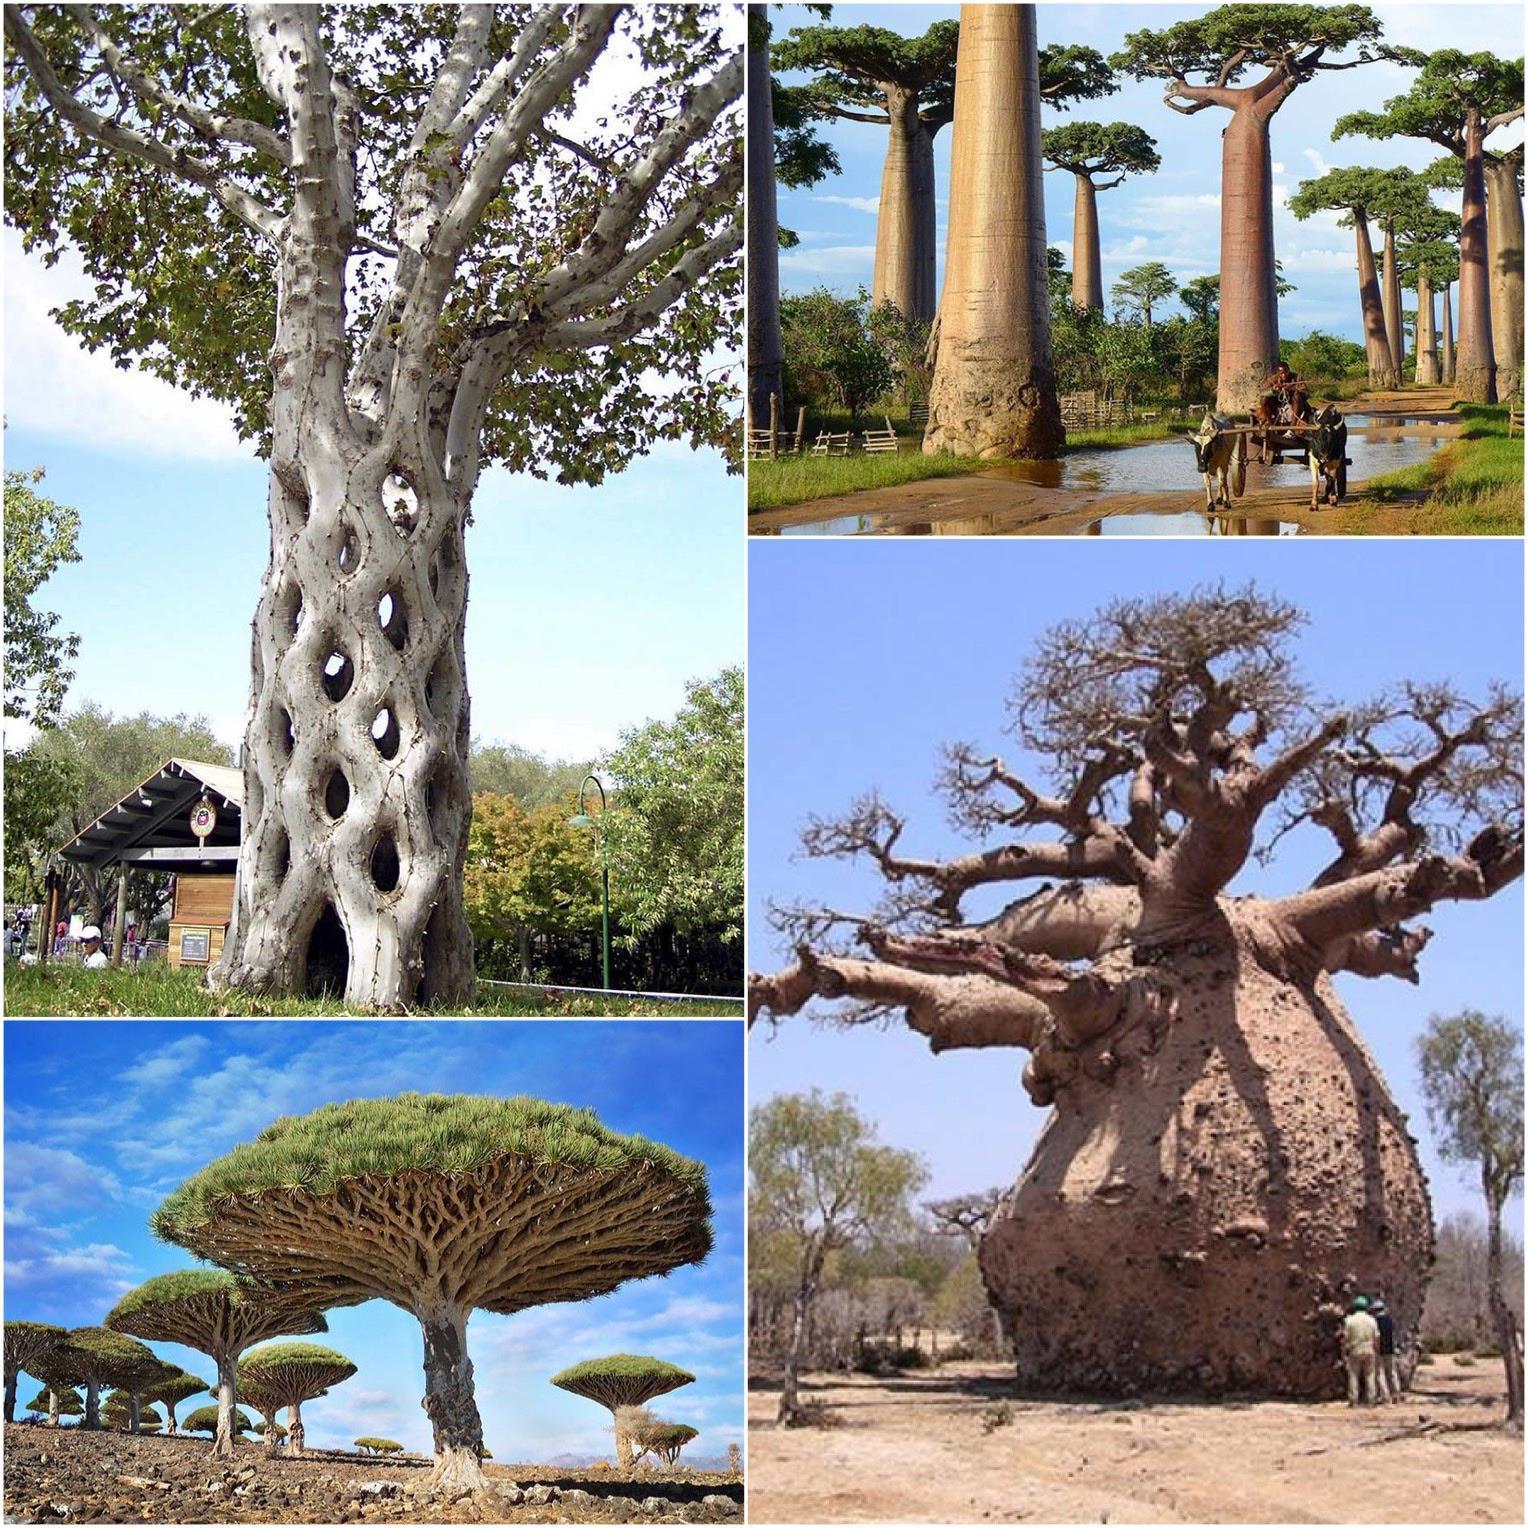 Alien trees on earth